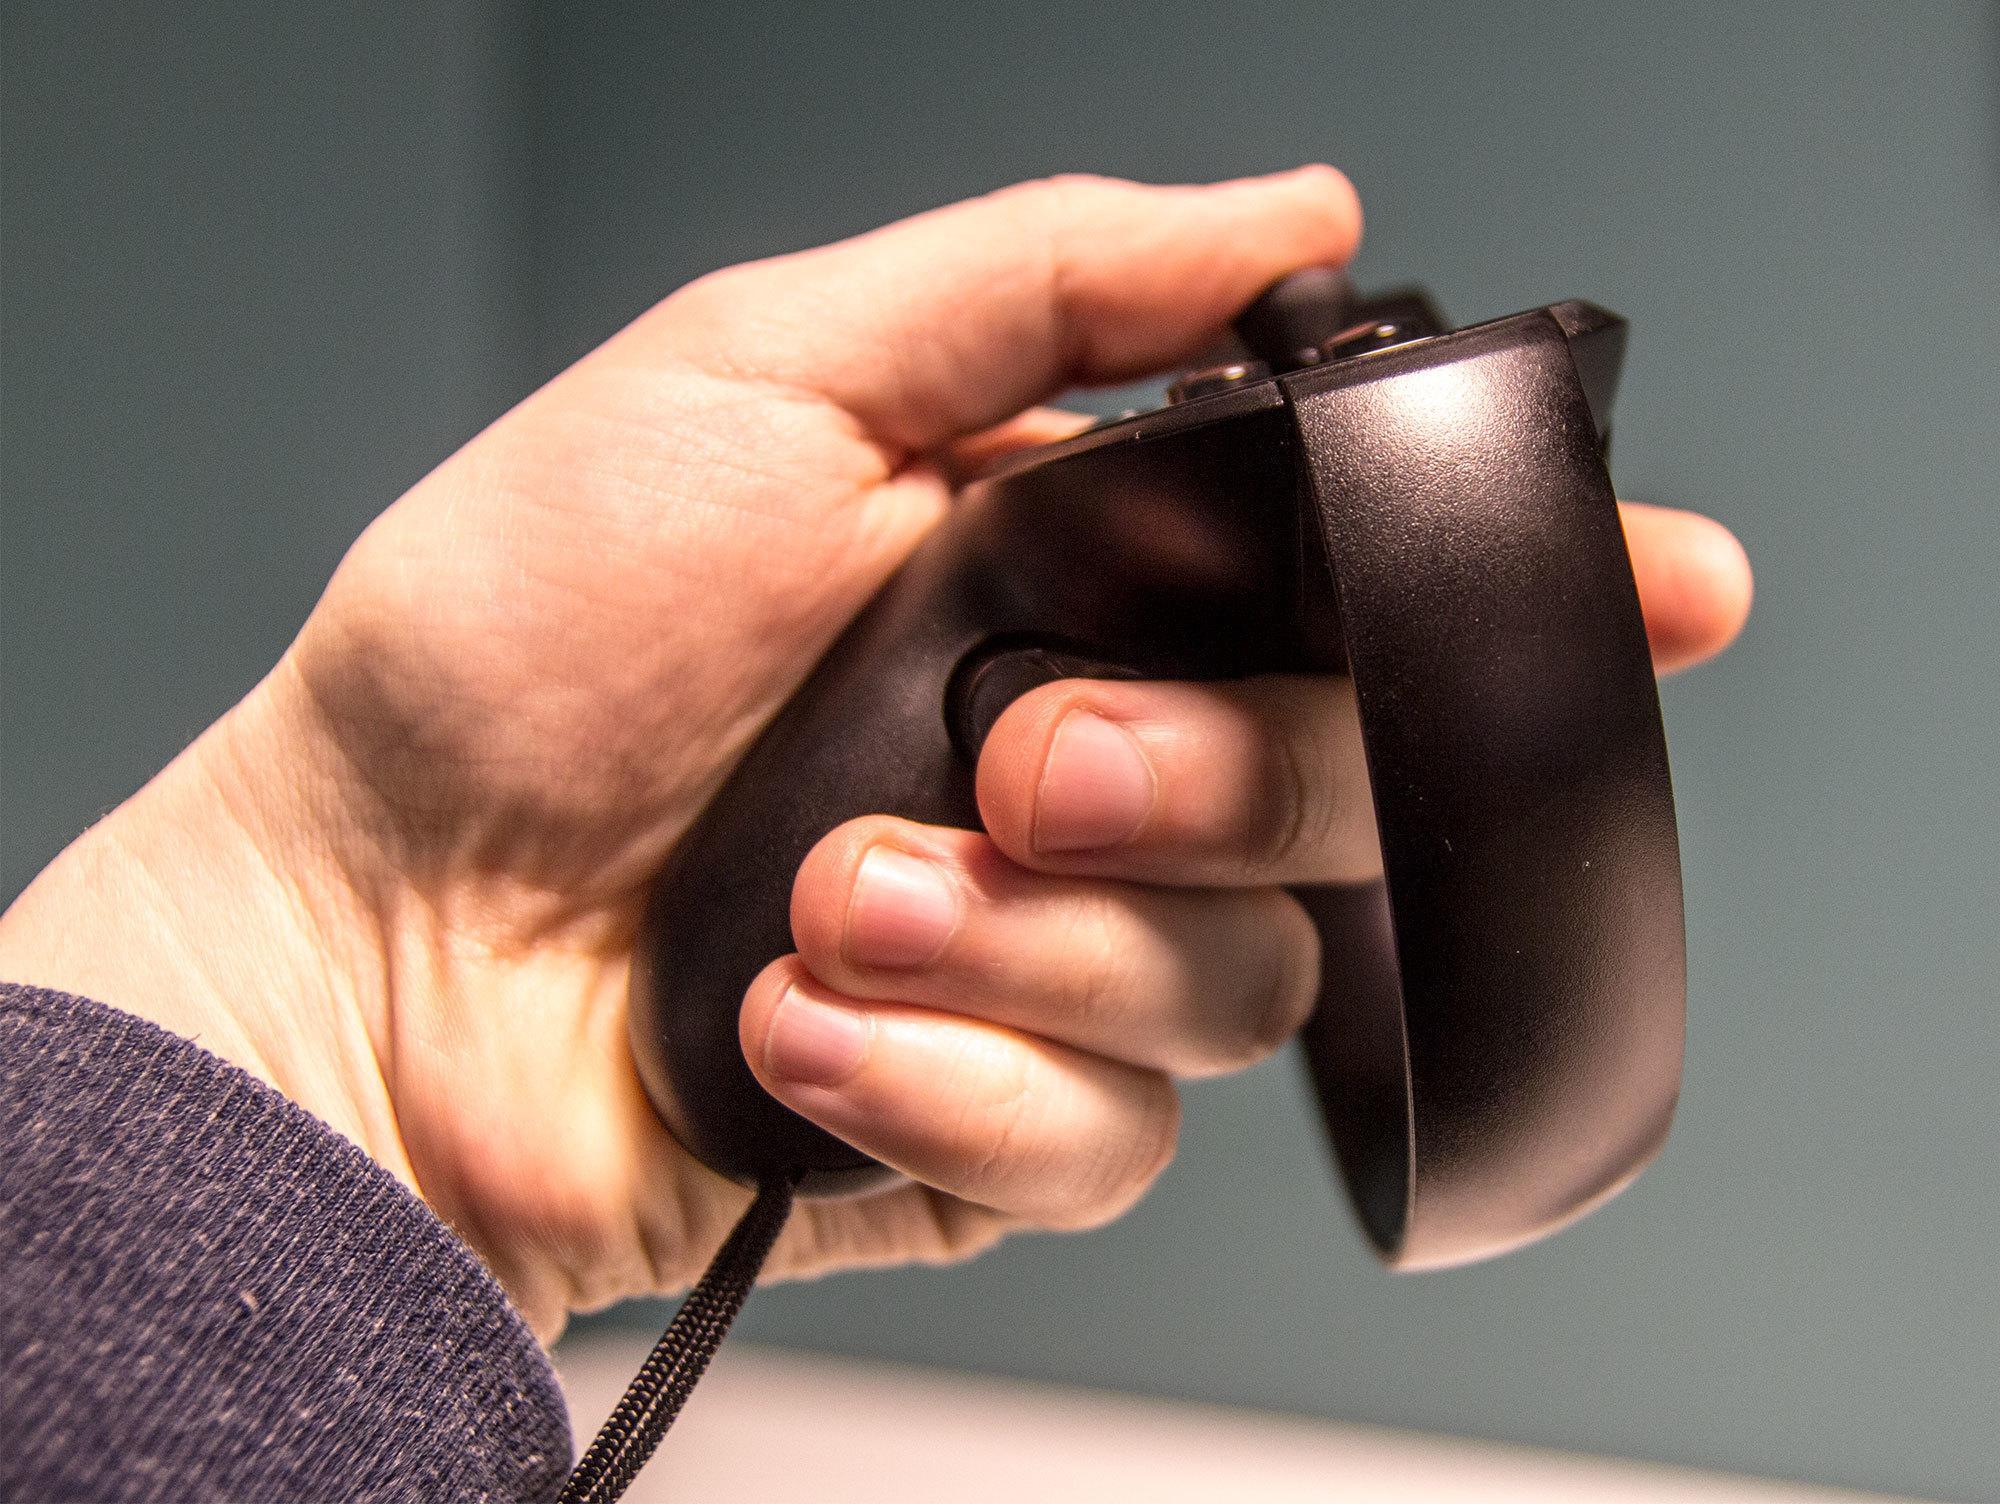 Hendene legger seg naturlig rundt håndtaket, og det føles utrolig naturlig å knytte dine virtuelle hender i spillet, eller å late som du skyter en pistol.